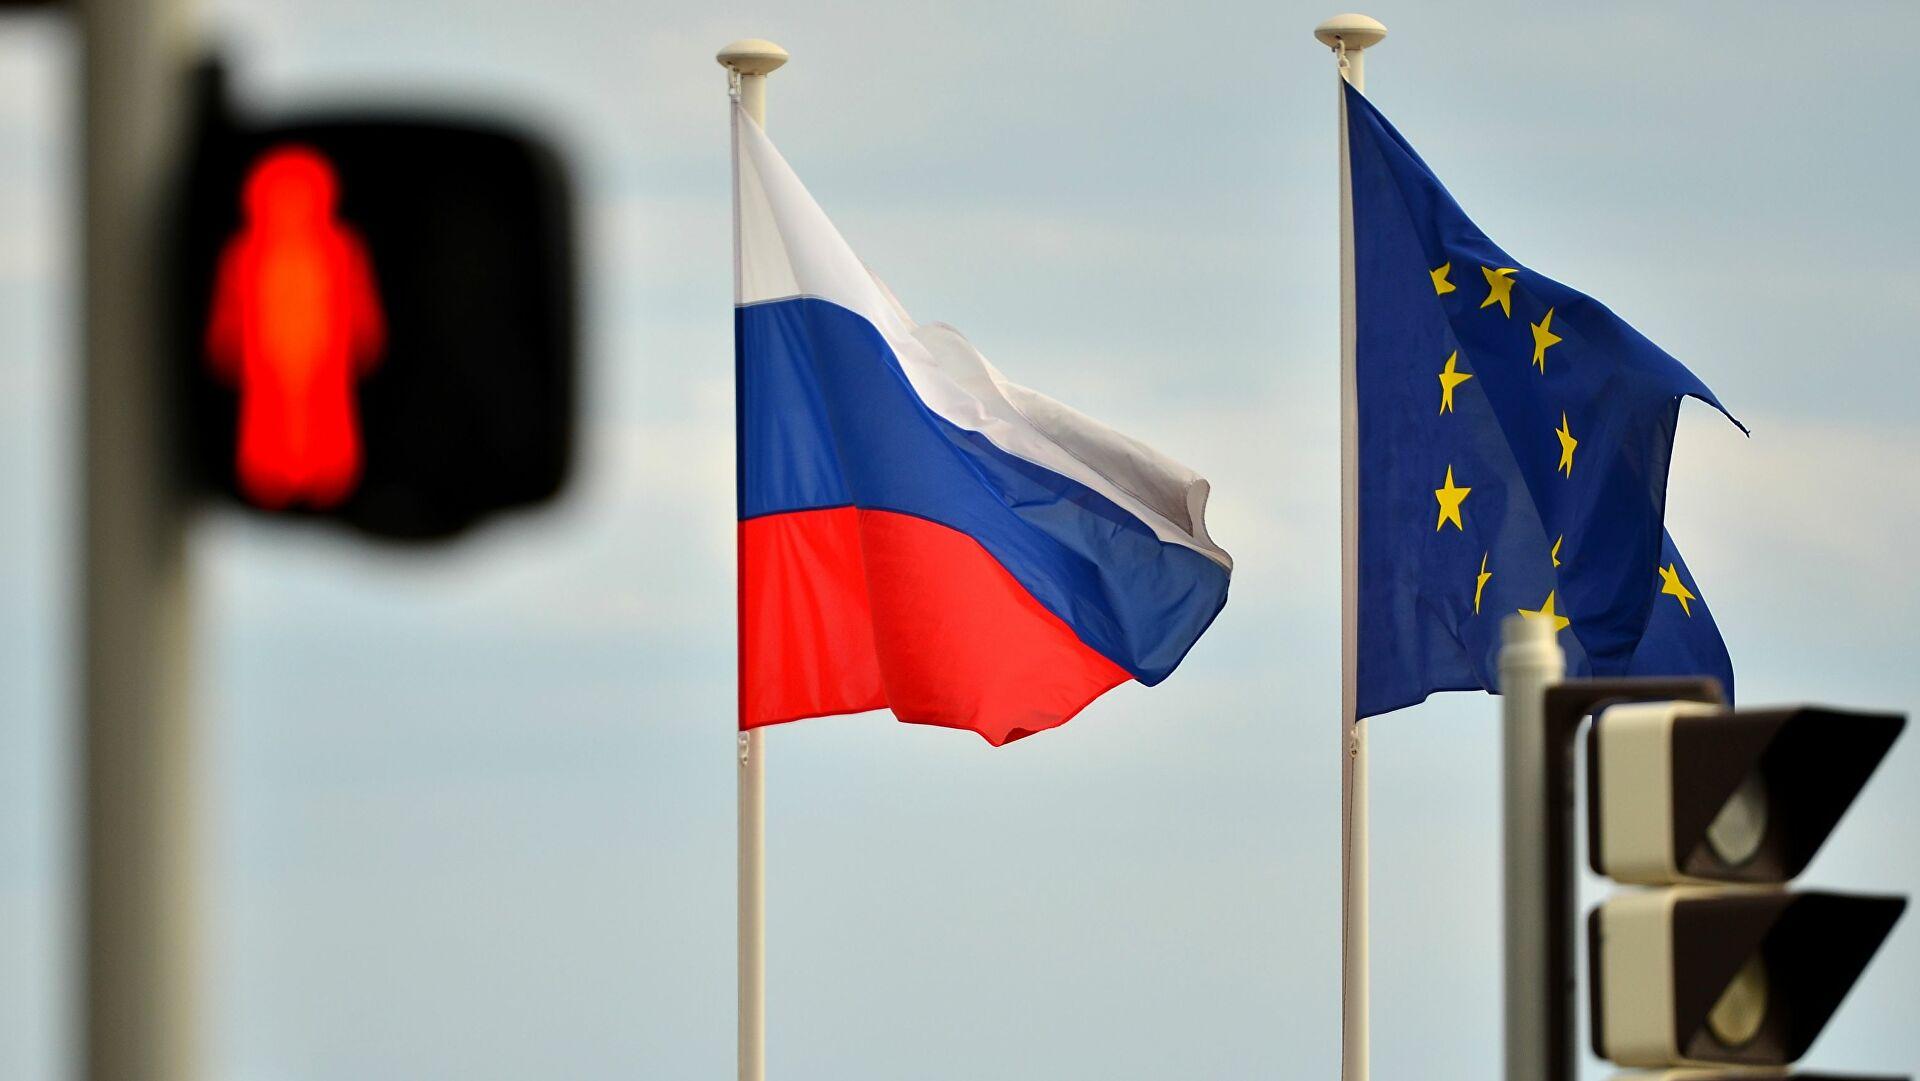 """Принцип ЕУ за """"изградњу односа"""" са Русијом: Обуздавање руске агресије и прекид сарадње са Русијом око """"Северног тока 2"""""""